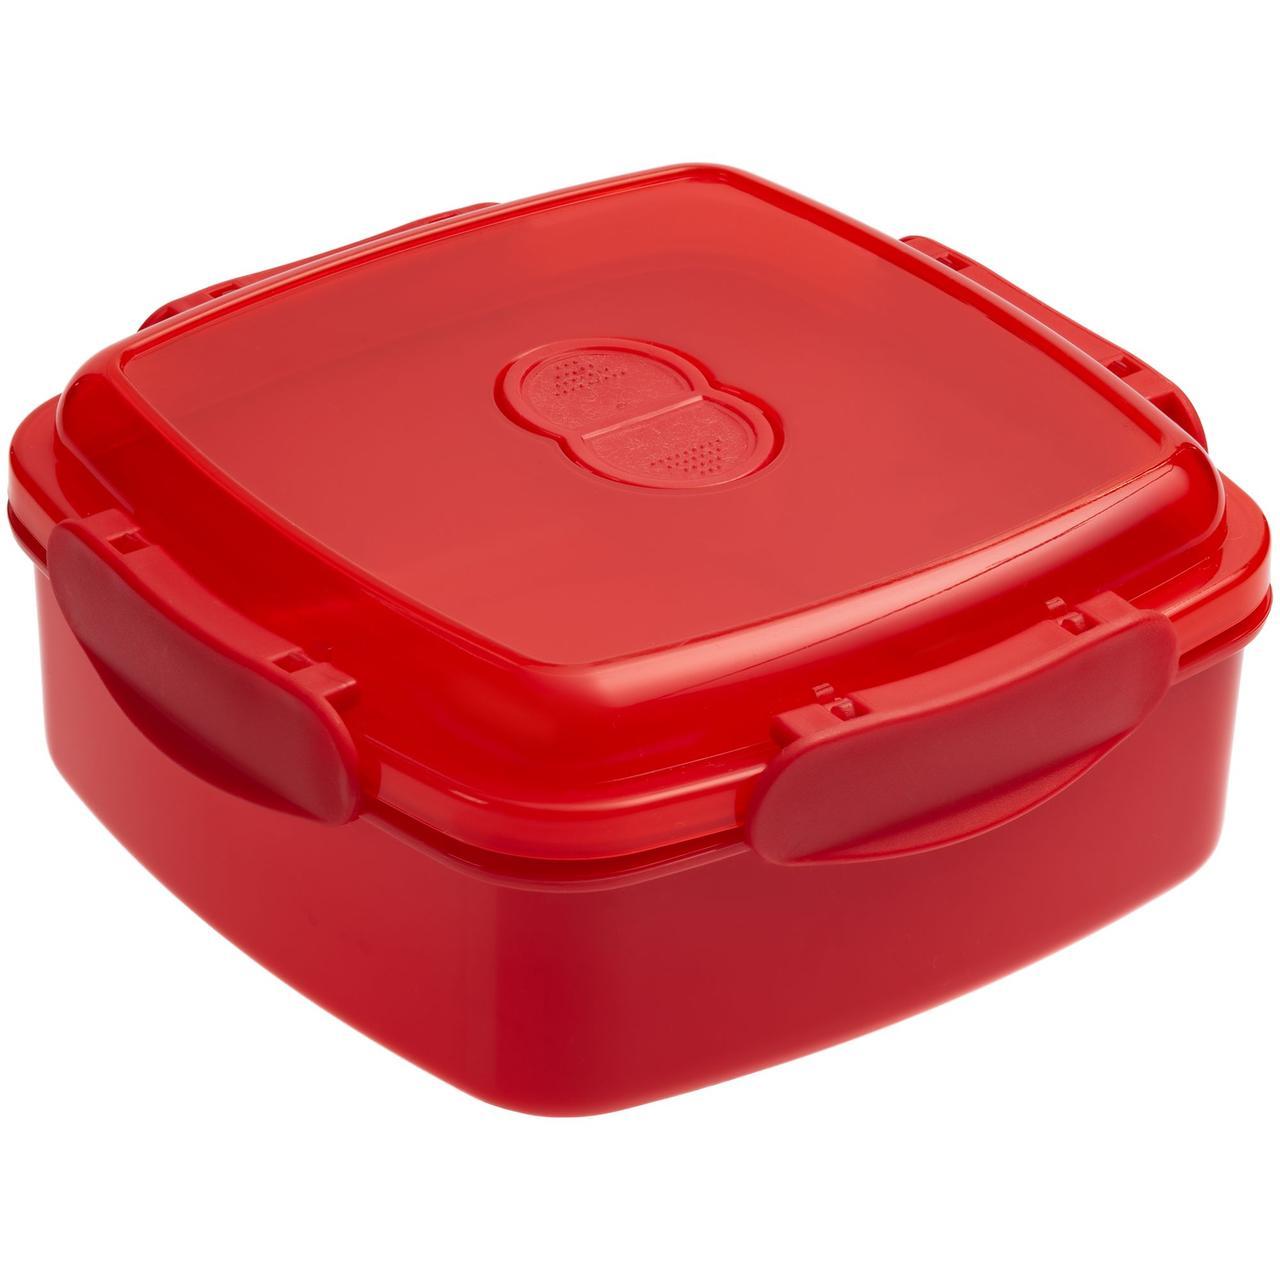 Ланчбокс Cube, красный (артикул 10172.50)